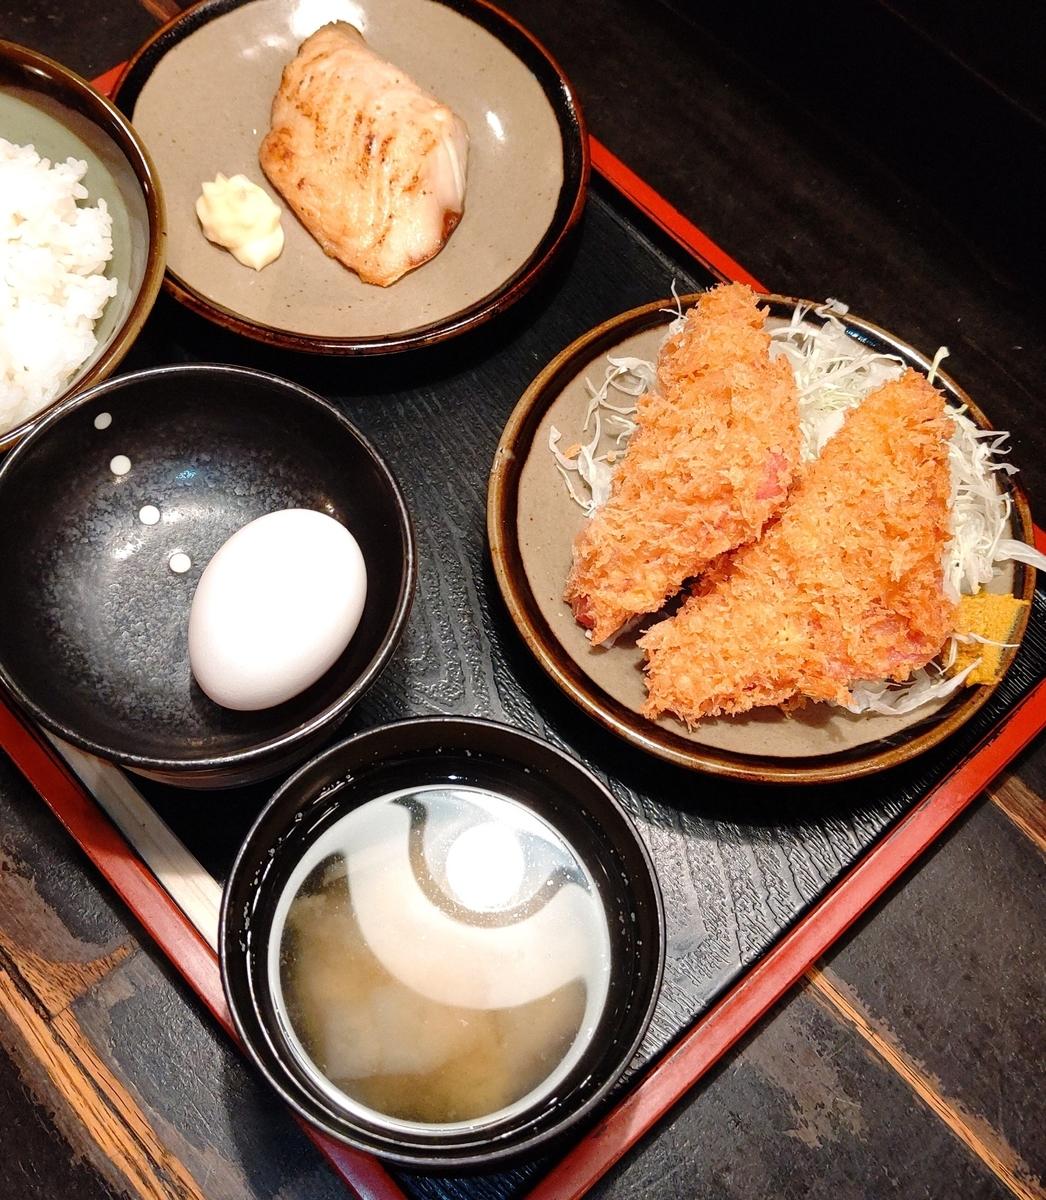 ハムカツと鯖の塩焼き